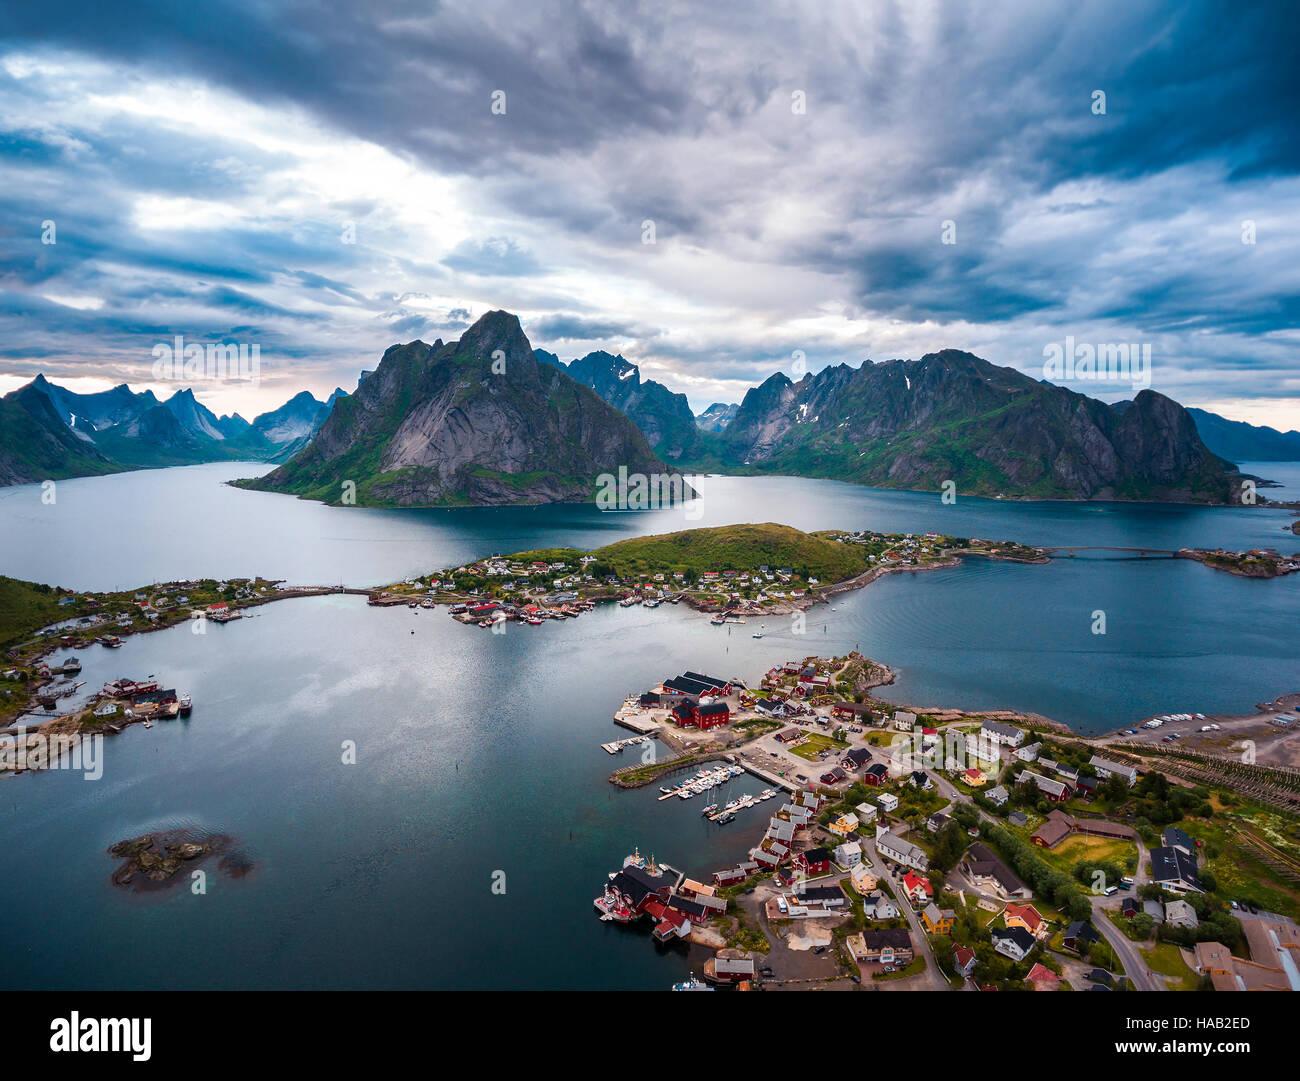 Le isole Lofoten sono un arcipelago nella contea del Nordland, Norvegia. È noto per un caratteristico paesaggio Immagini Stock